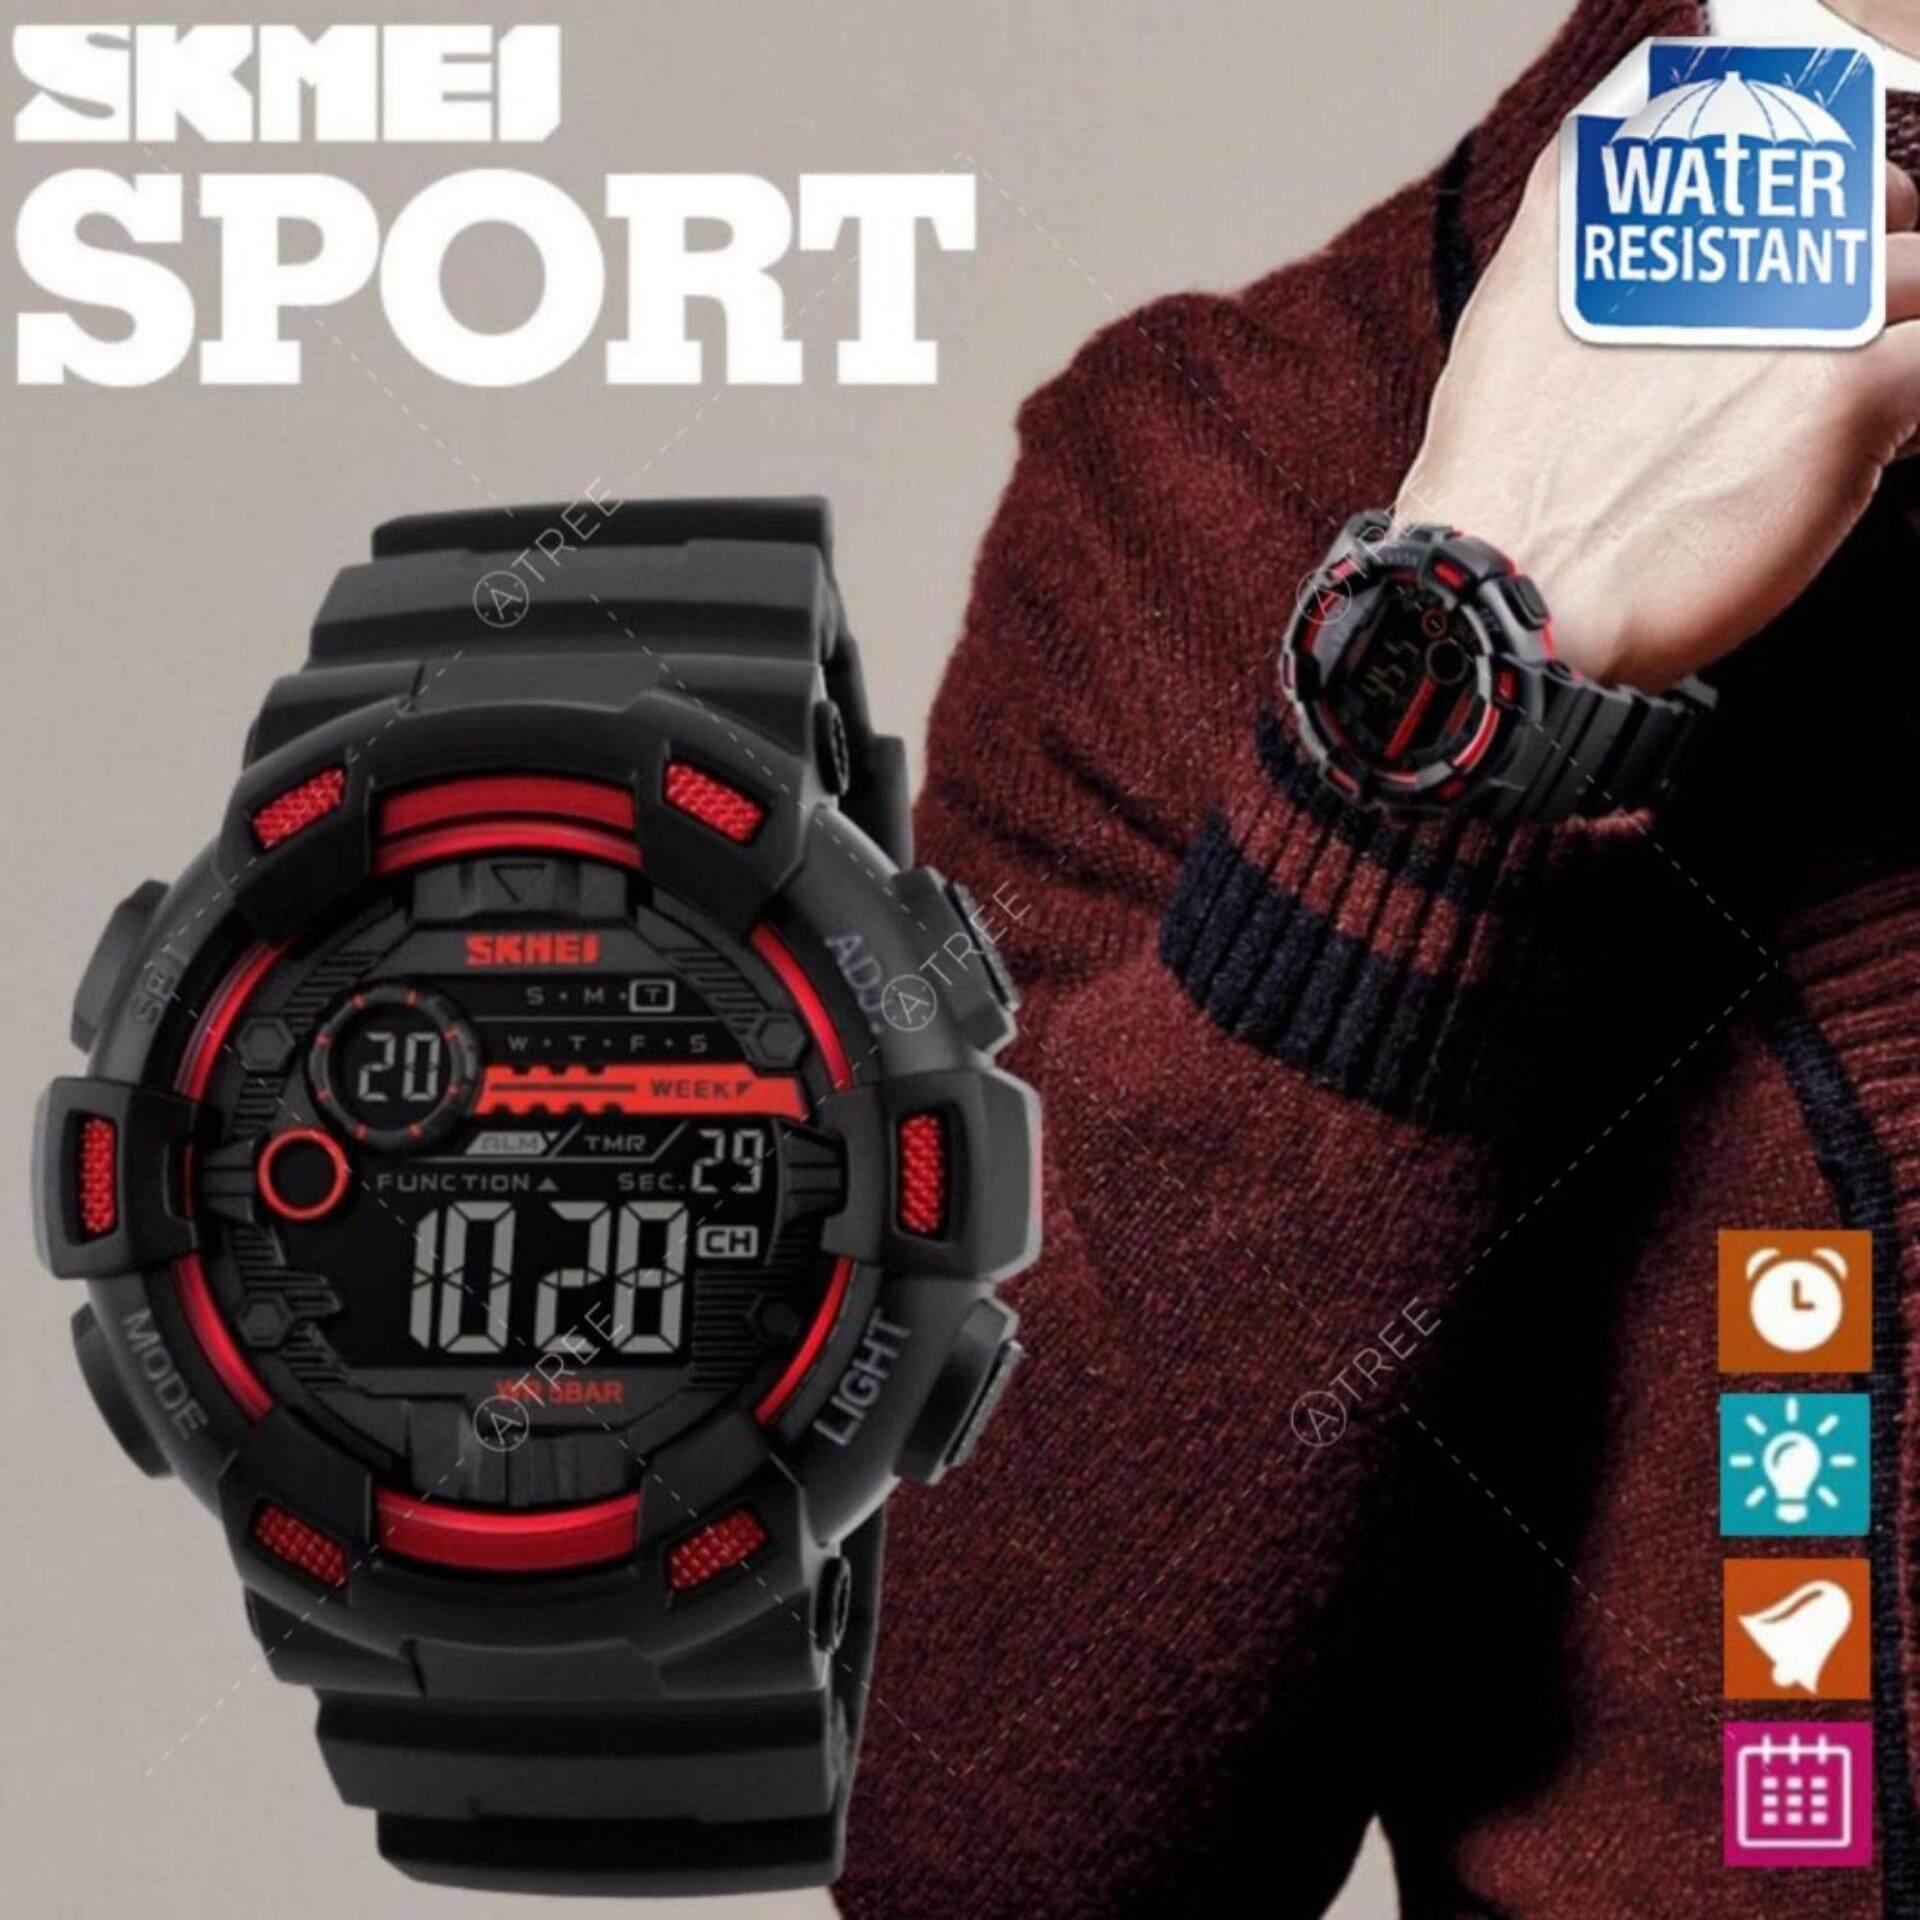 ขาย Skmei ของแท้ 100 ส่งในไทยไวแน่นอน นาฬิกาข้อมือผู้ชาย สไตล์ Sport Digital Watch ระบบ Digital บอกวันที่ ตั้งปลุก จับเวลา ไฟ Led กันน้ำ สายเรซิ่นสีดำ รุ่น Sk M1243 สีแดง Red เป็นต้นฉบับ